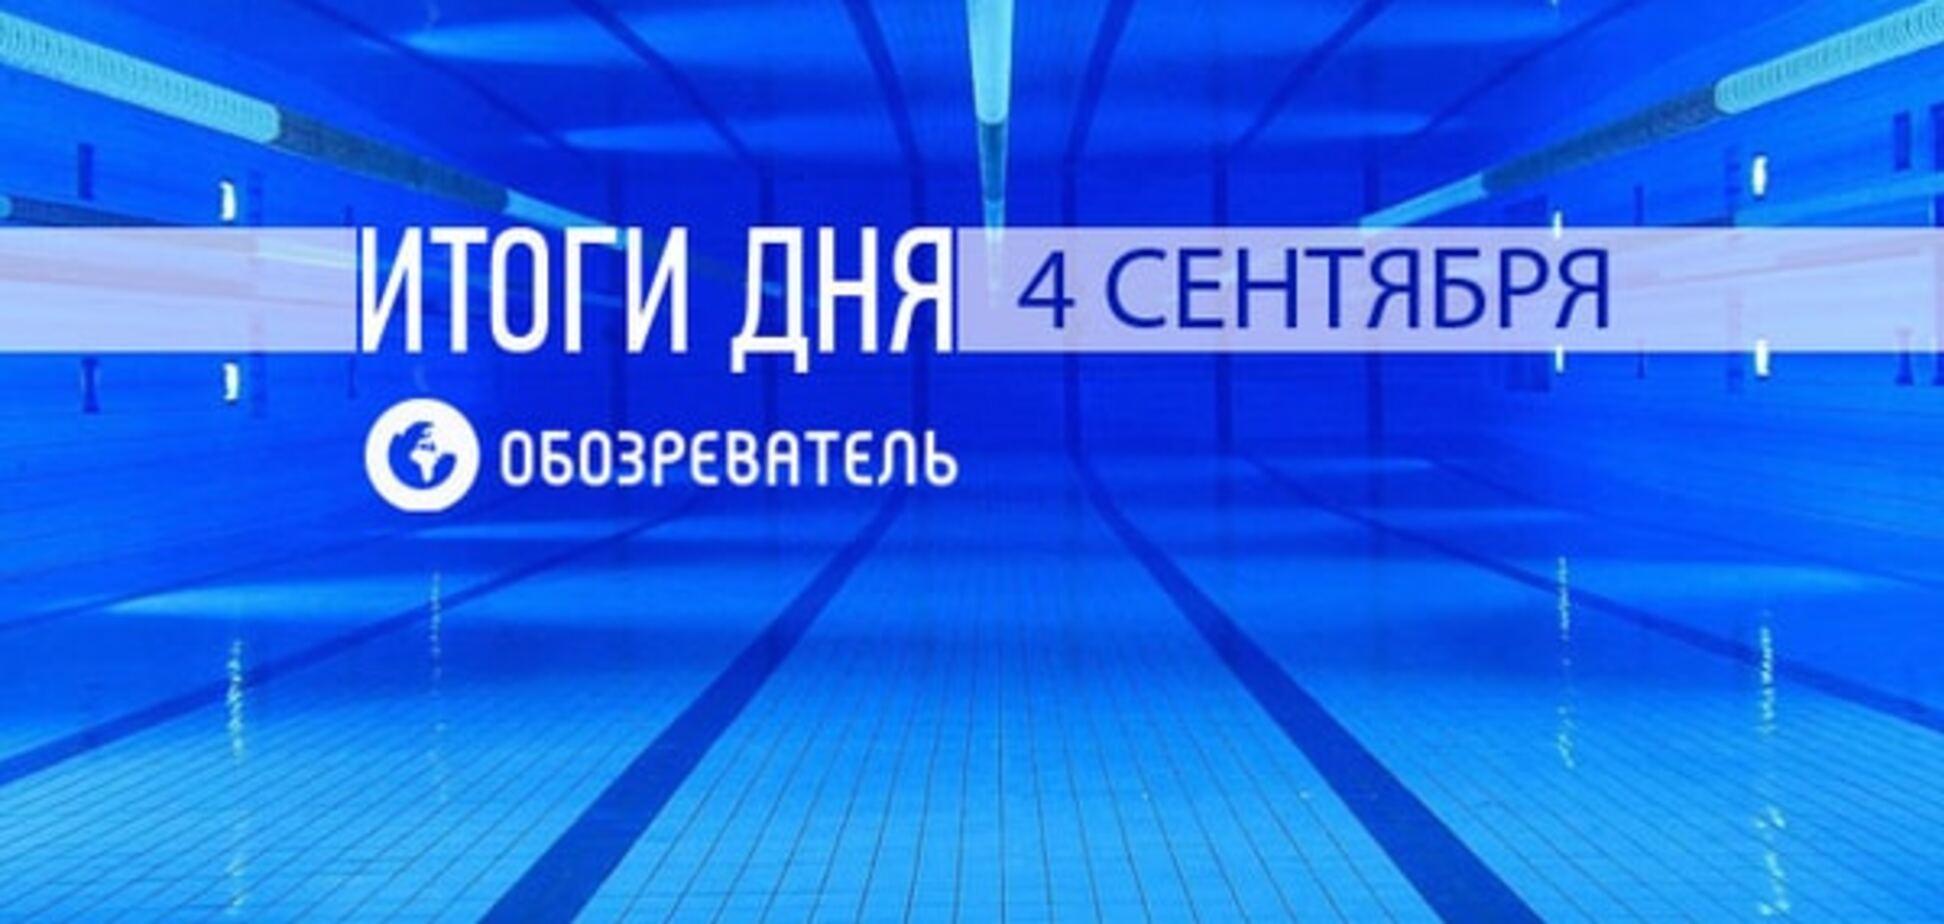 Украина лишилась важного футболиста. Спортивные итоги 4 сентября